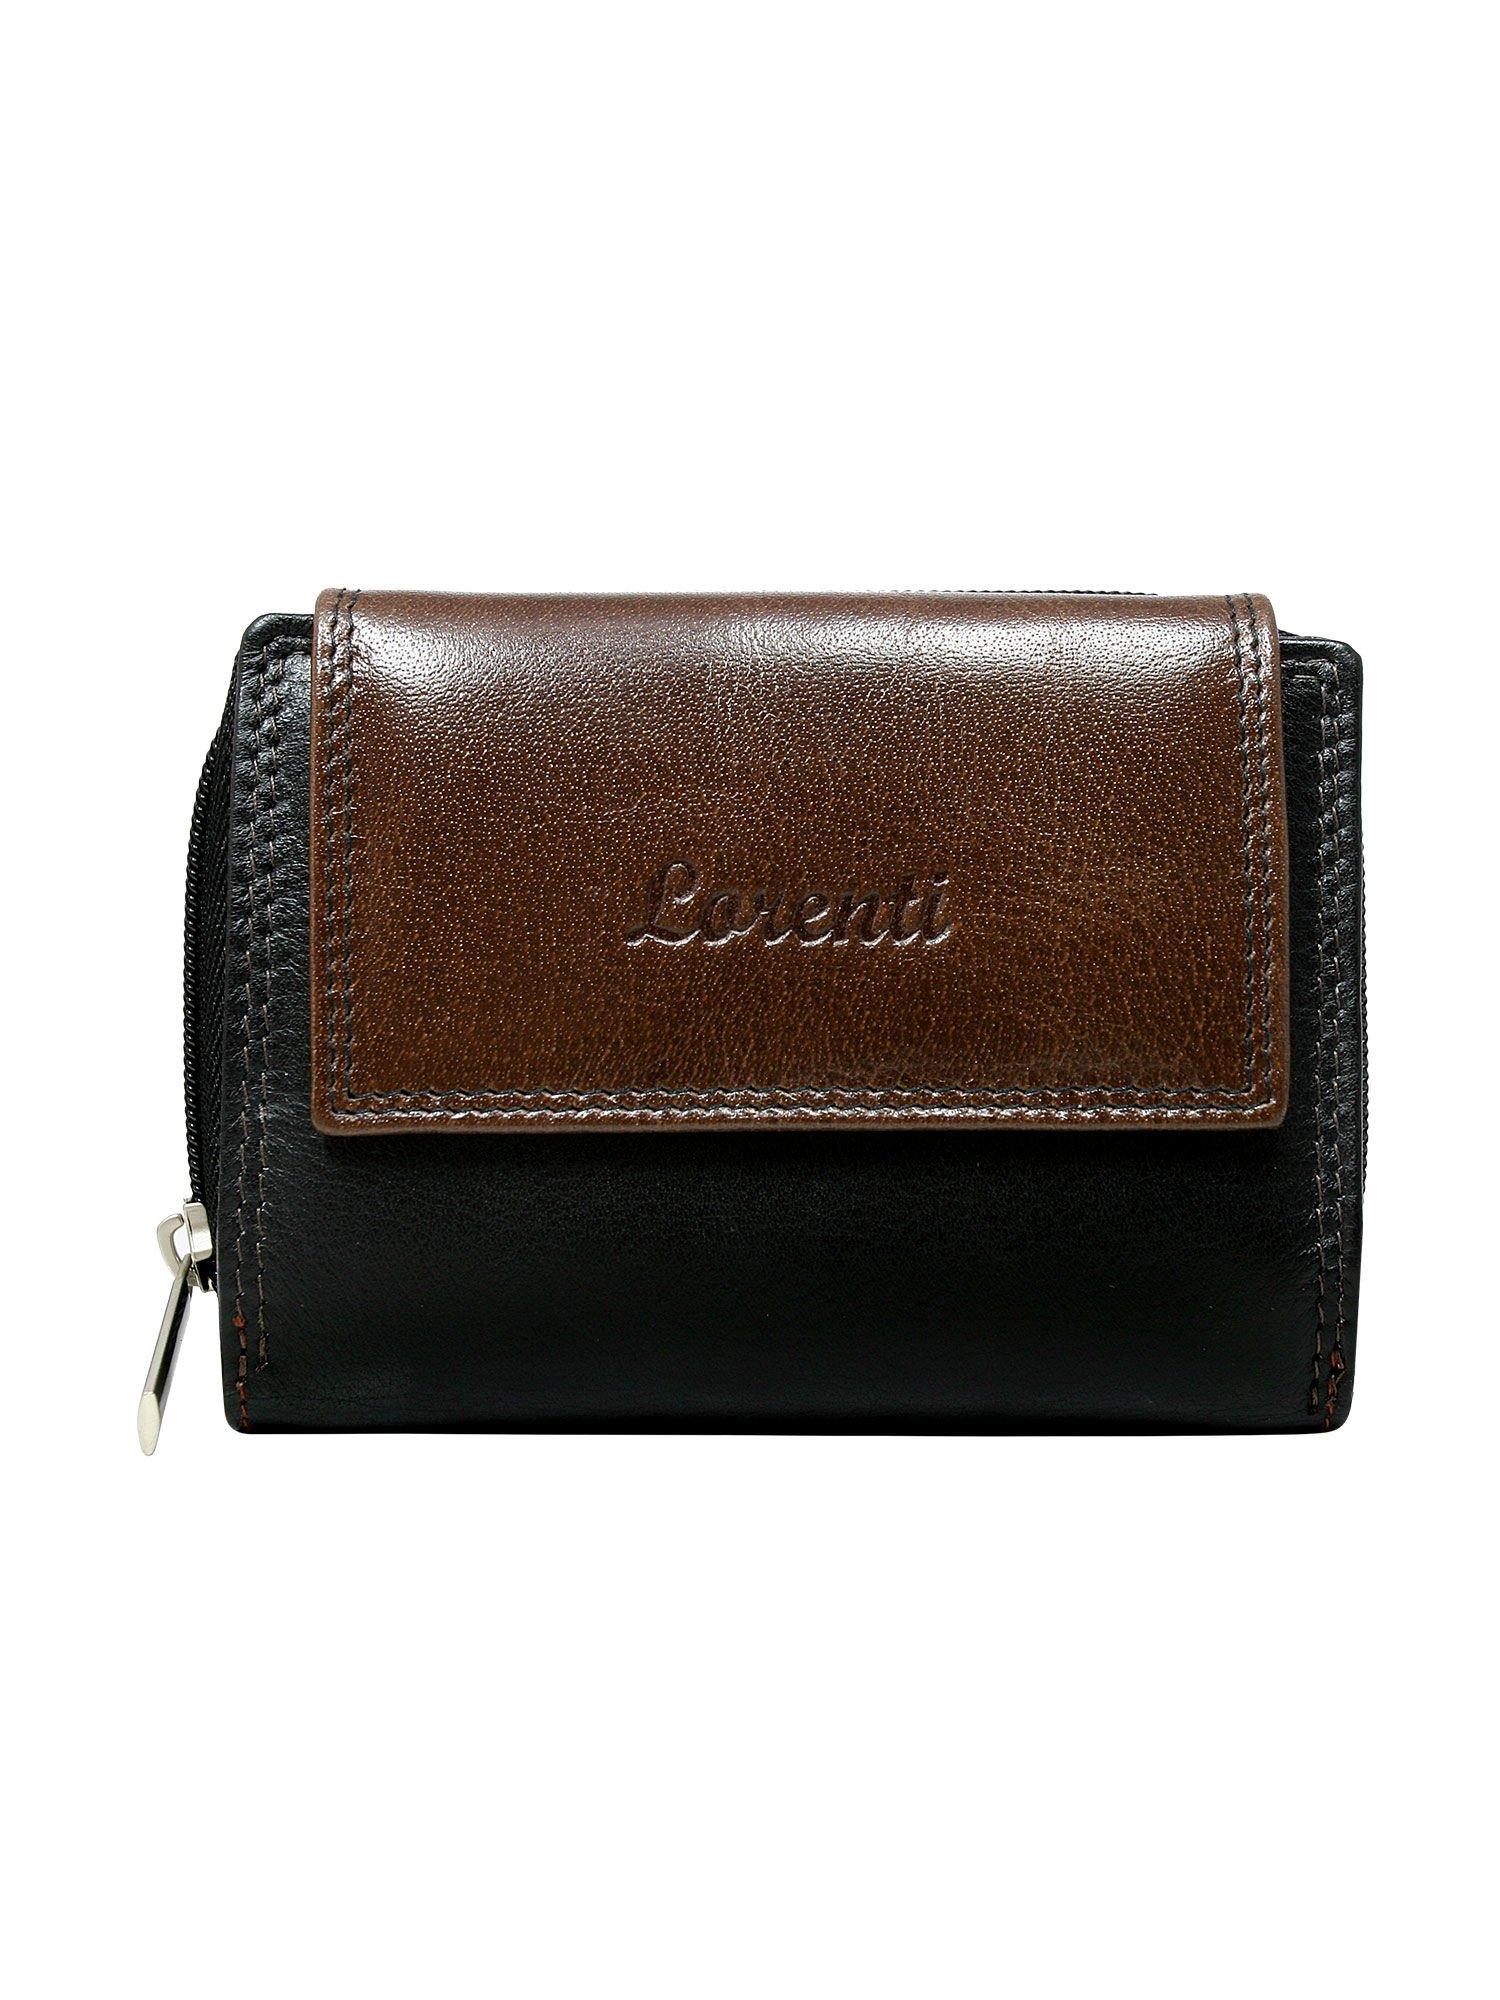 c9eec2c7967b1 Brązowy skórzany portfel damski na napę i suwak - Akcesoria portfele ...